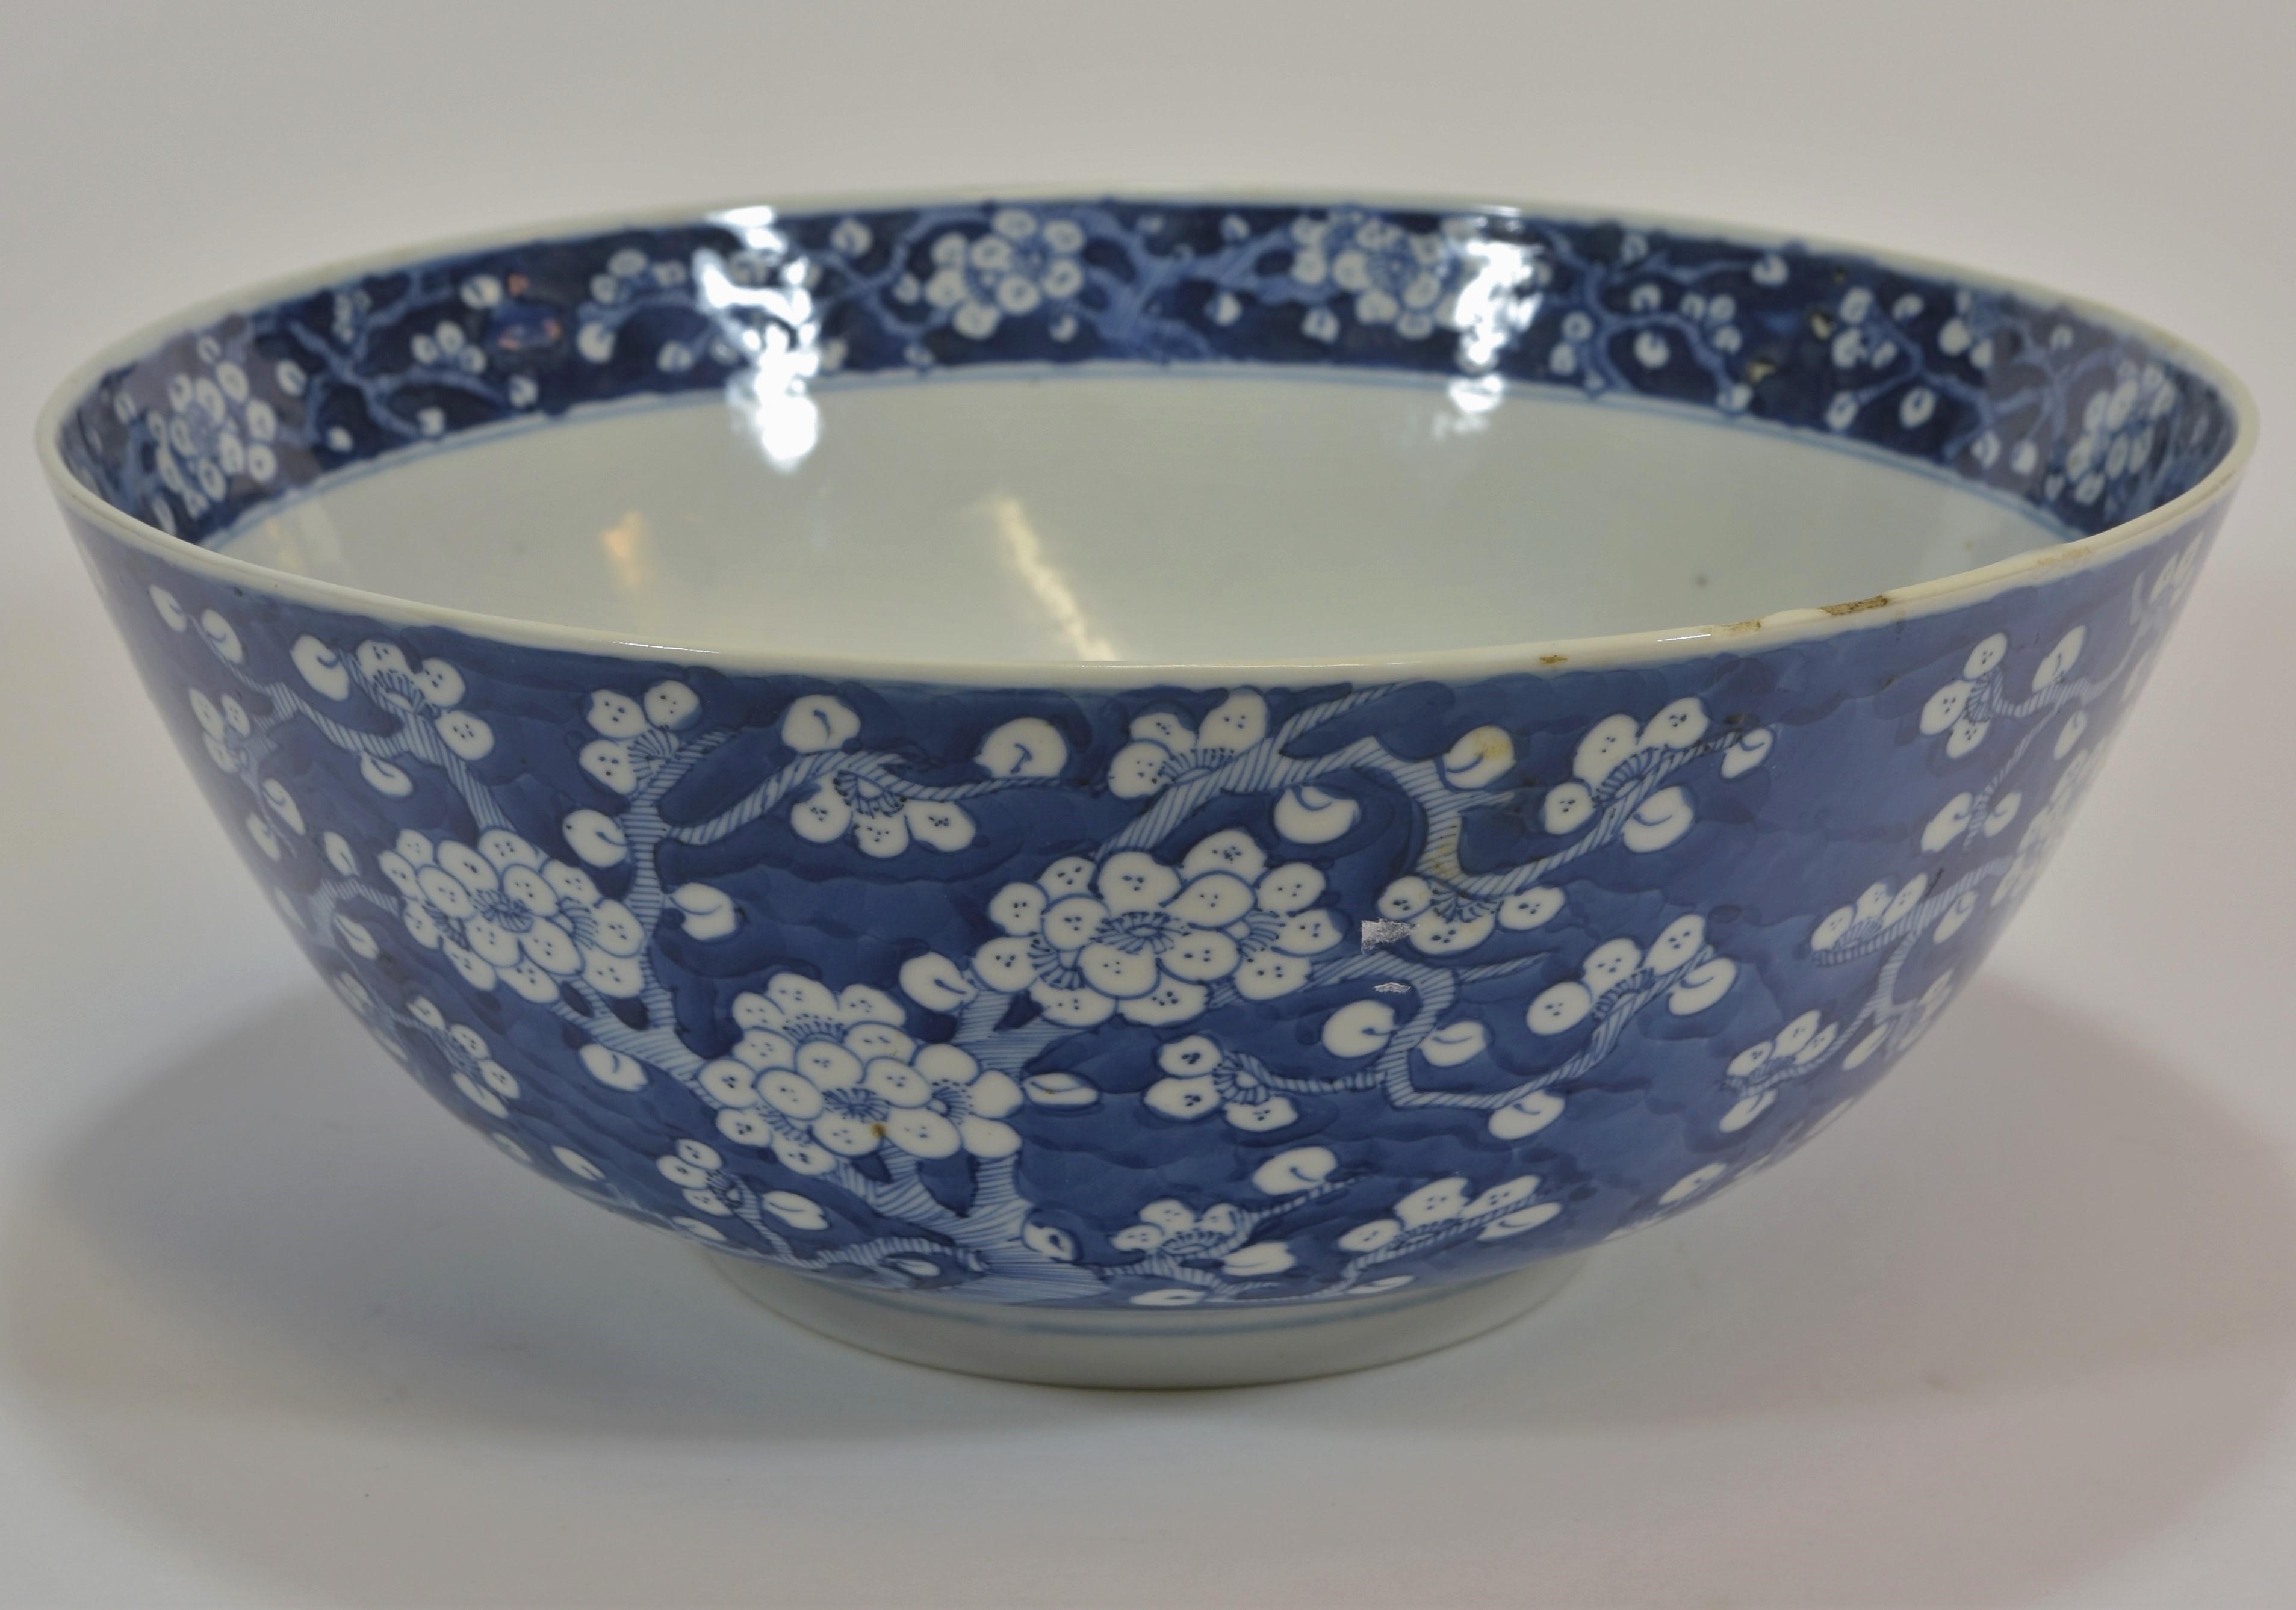 Lot 3 - A 19th century blue and white Mei hua bowl 26cm diameter清 十九世紀 青花梅花紋盌